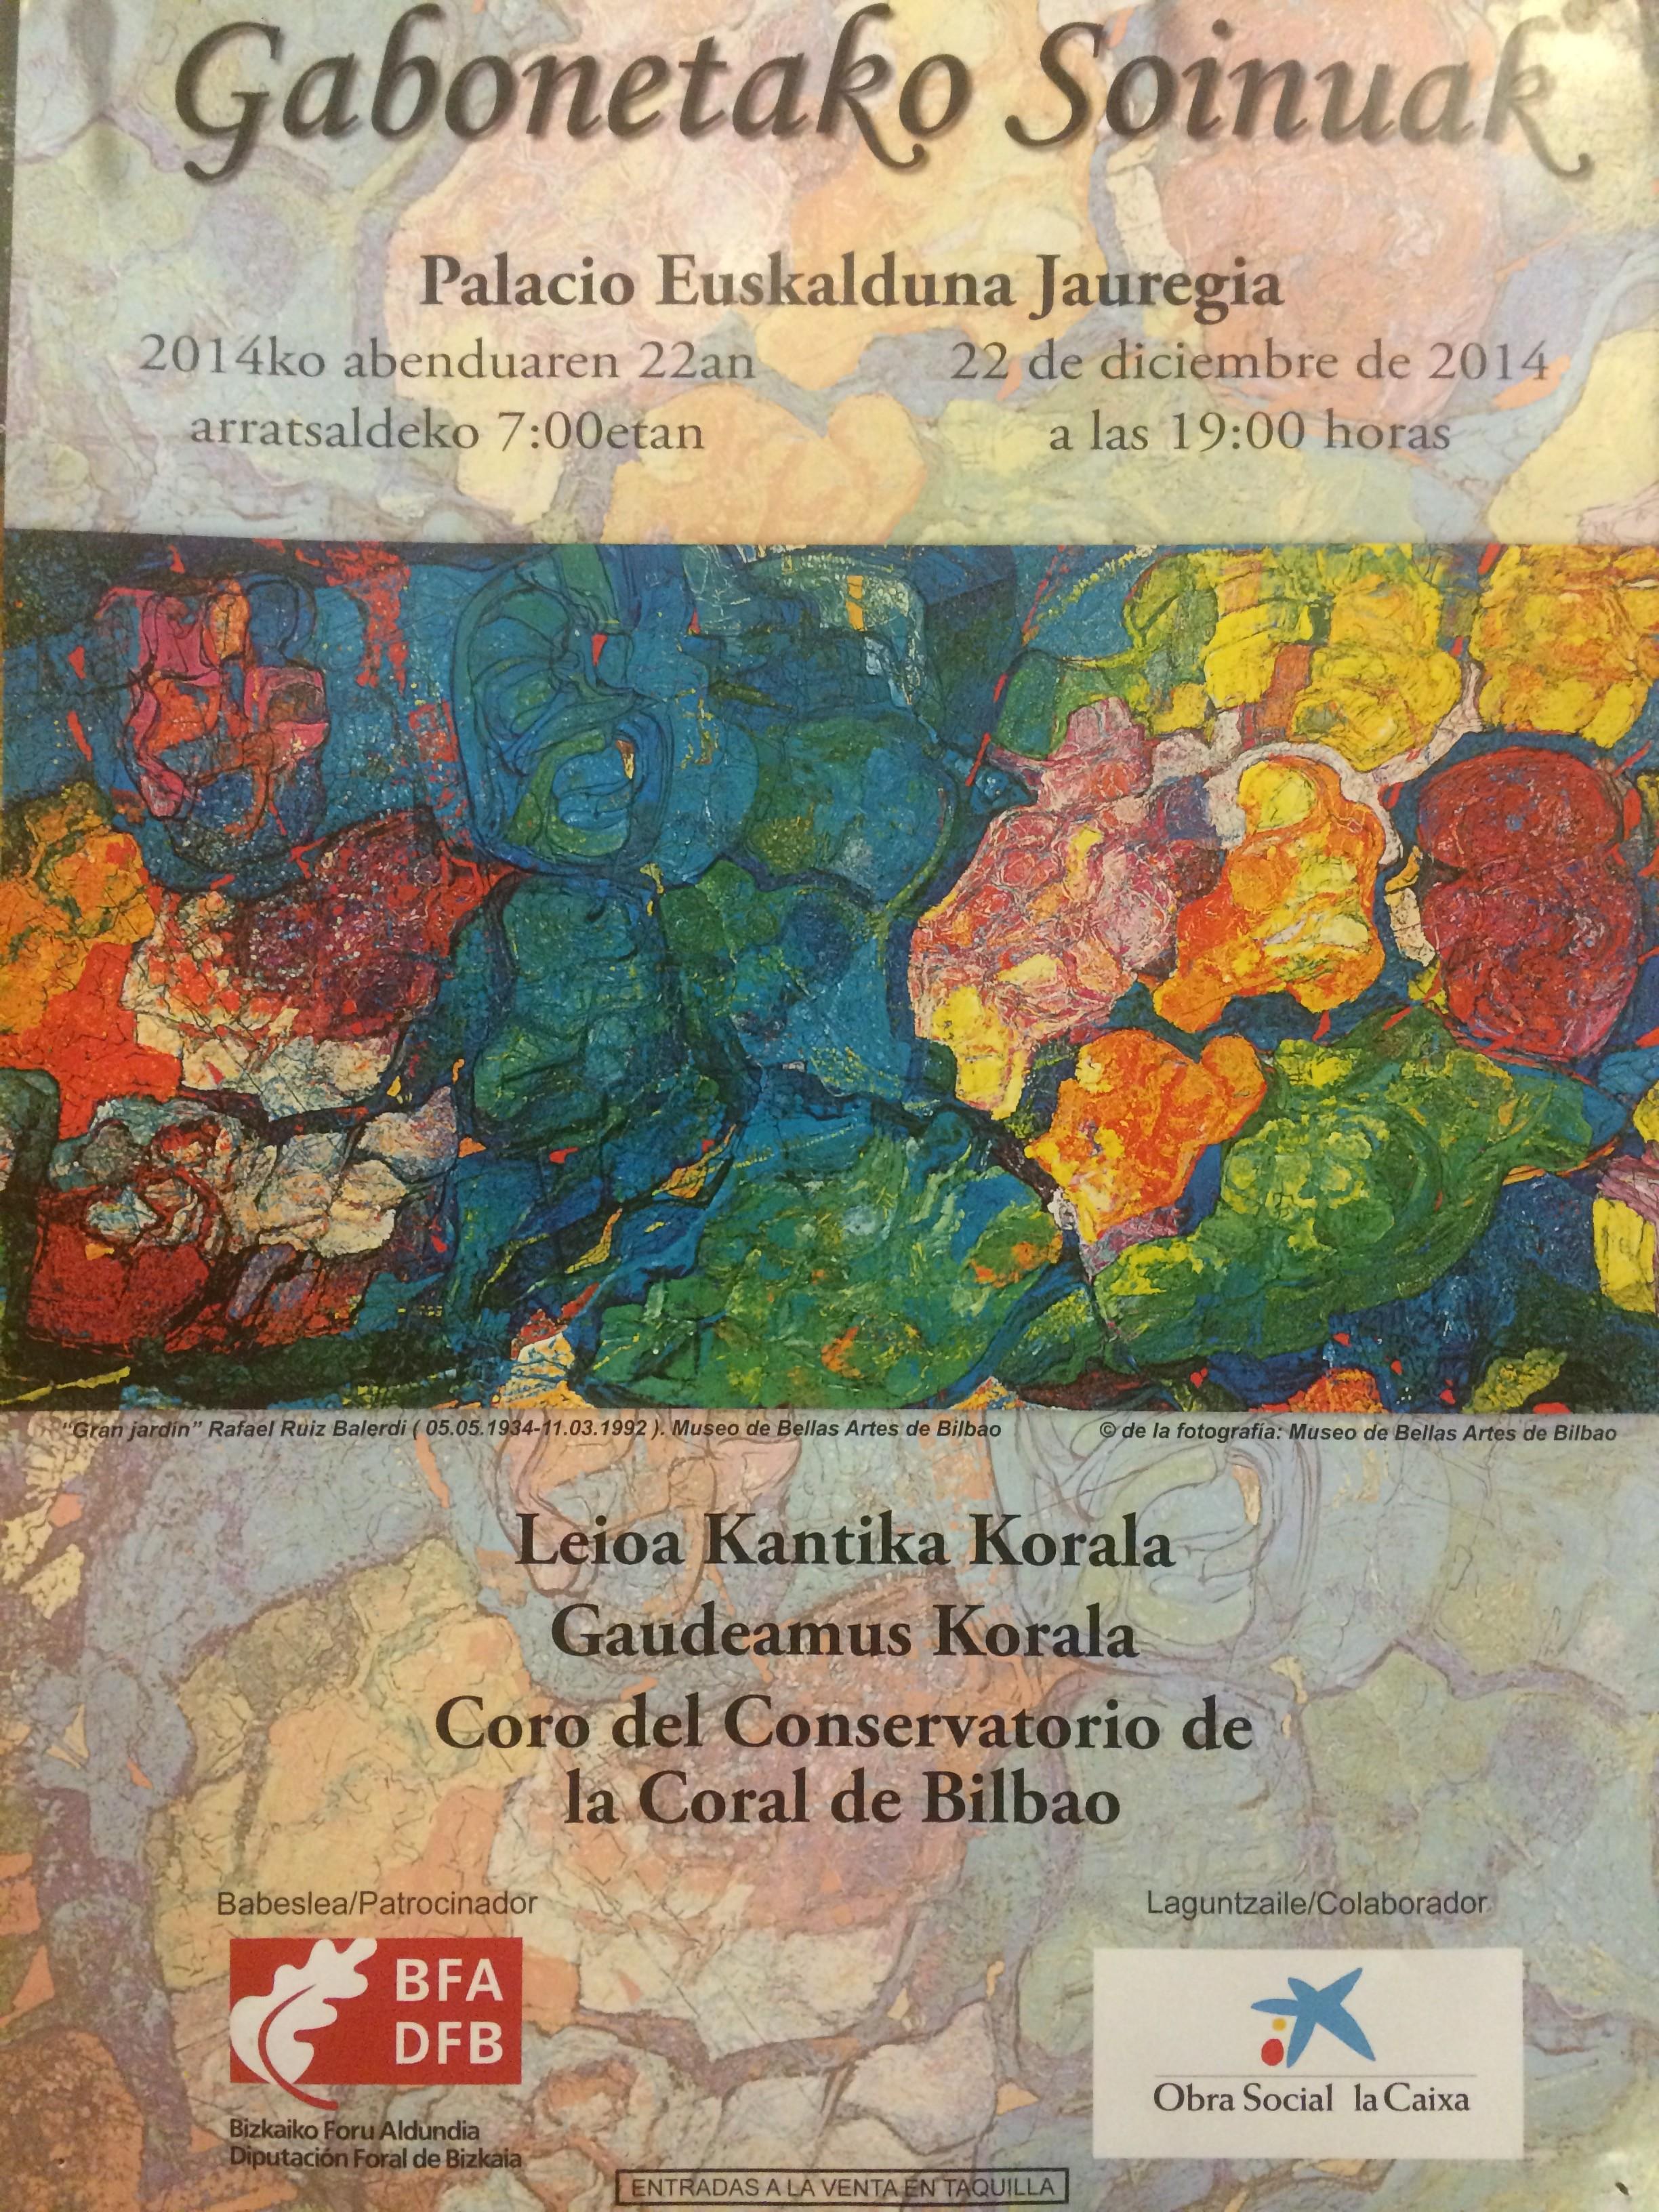 Conciertos corales en Bizkaia: música navideña